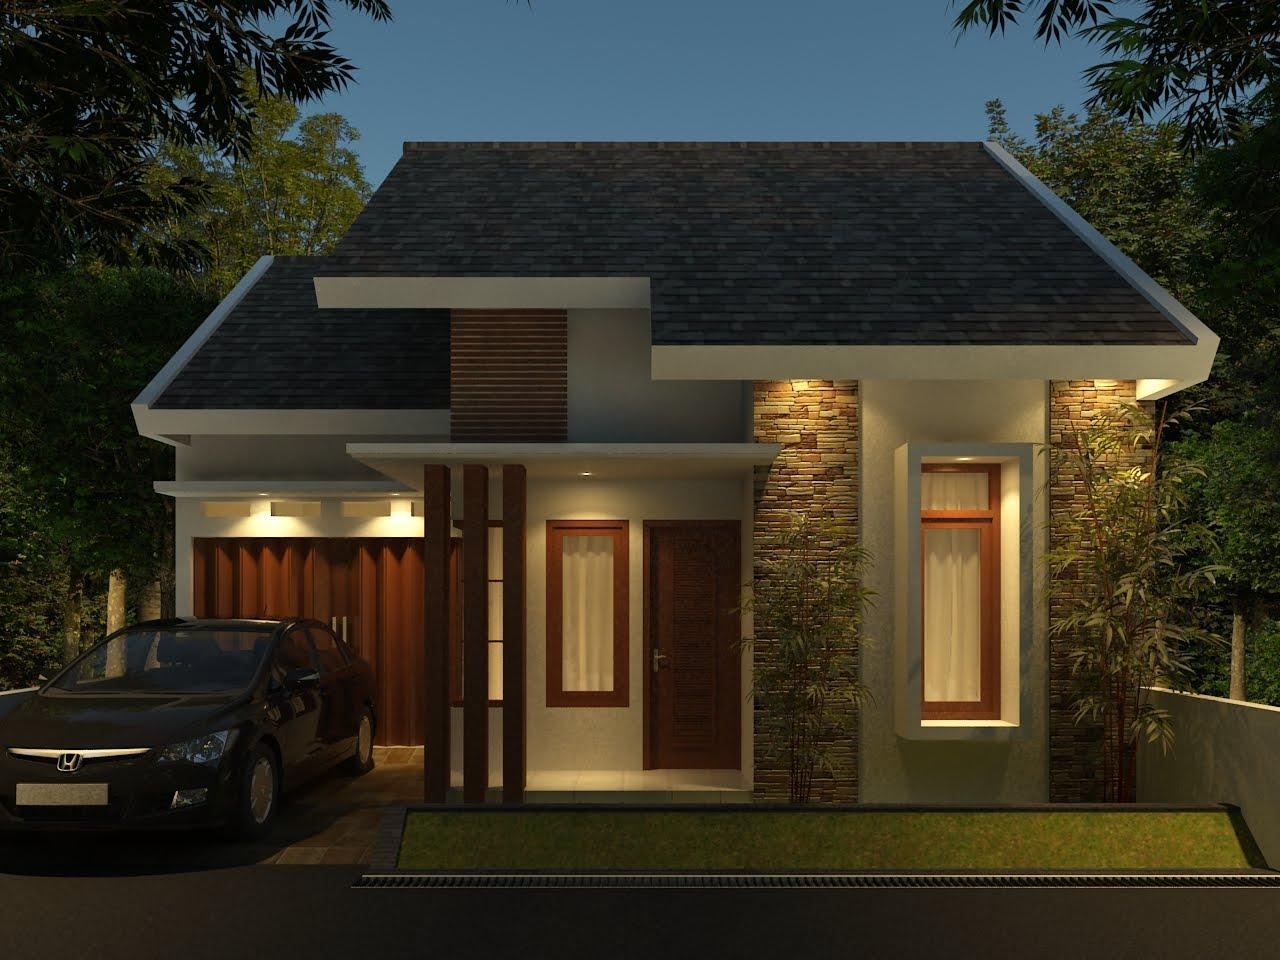 desain+rumah+minimalis+dengan+2+kamar+tidur